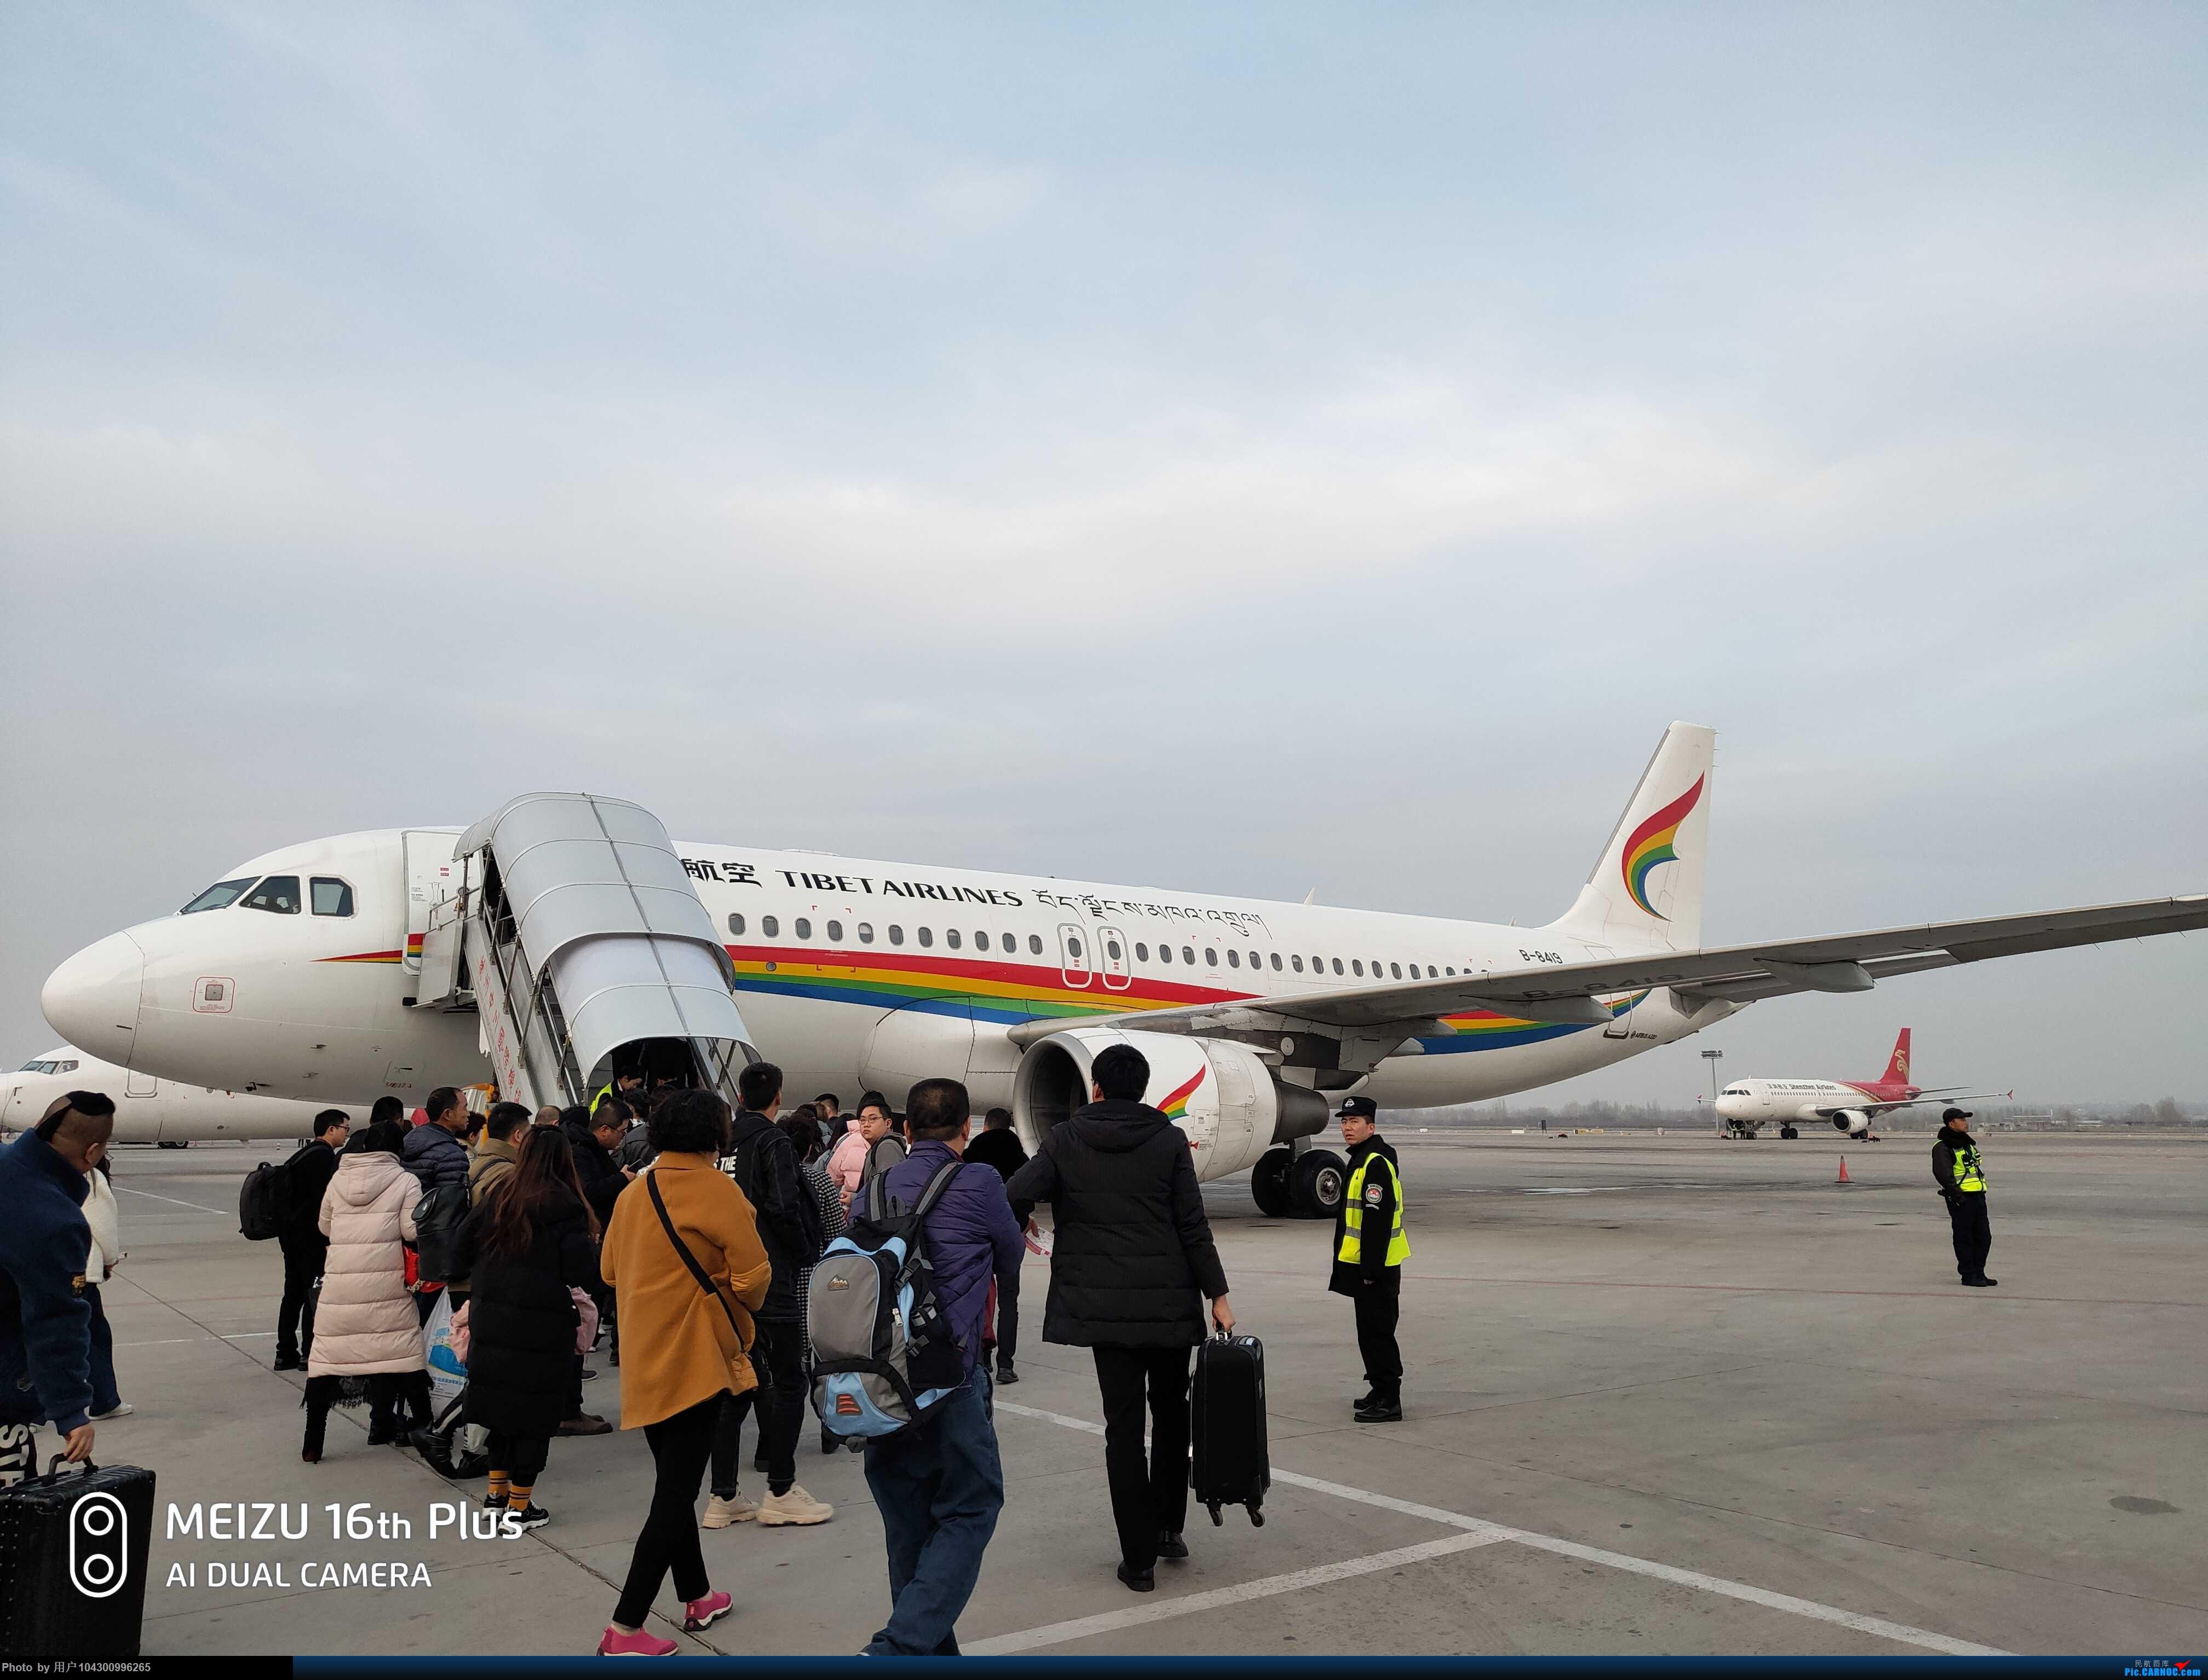 Re:[原创]DM游记之AQ&TV贵阳-兰州往返 AIRBUS A320-200 B-8419 中国兰州中川国际机场